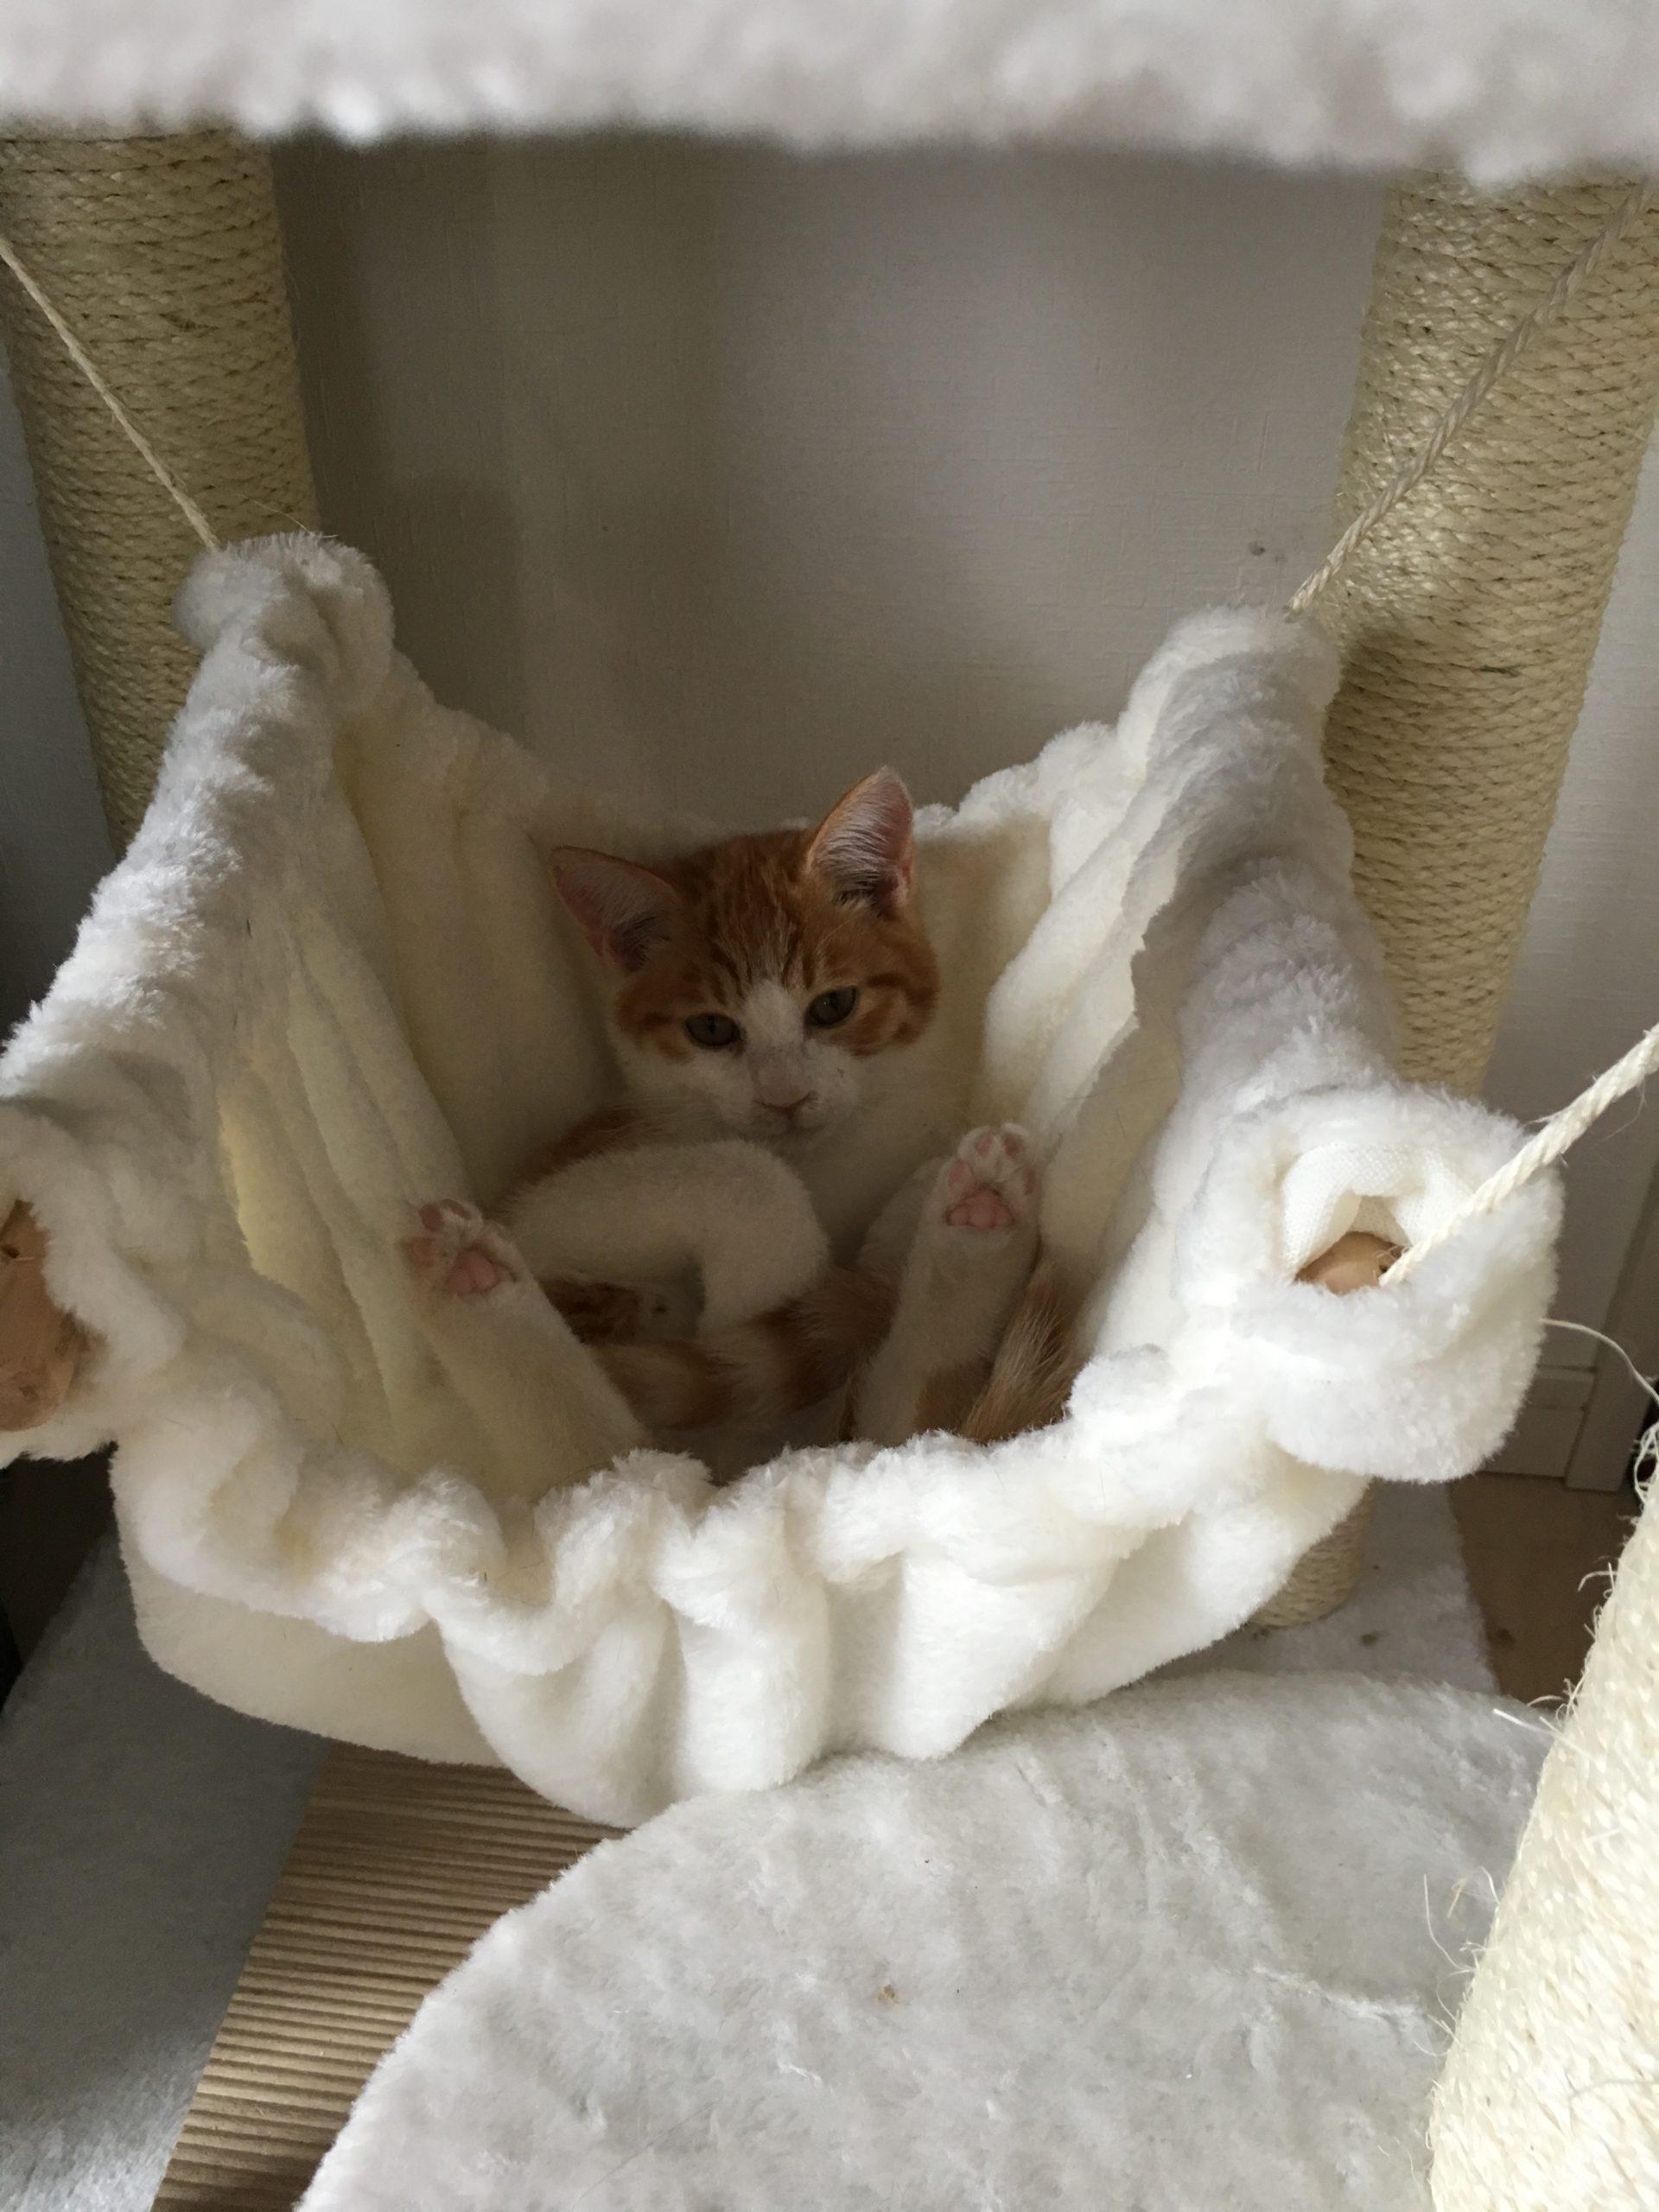 自宅での癒しを求めるなら猫と生活してみませんか?